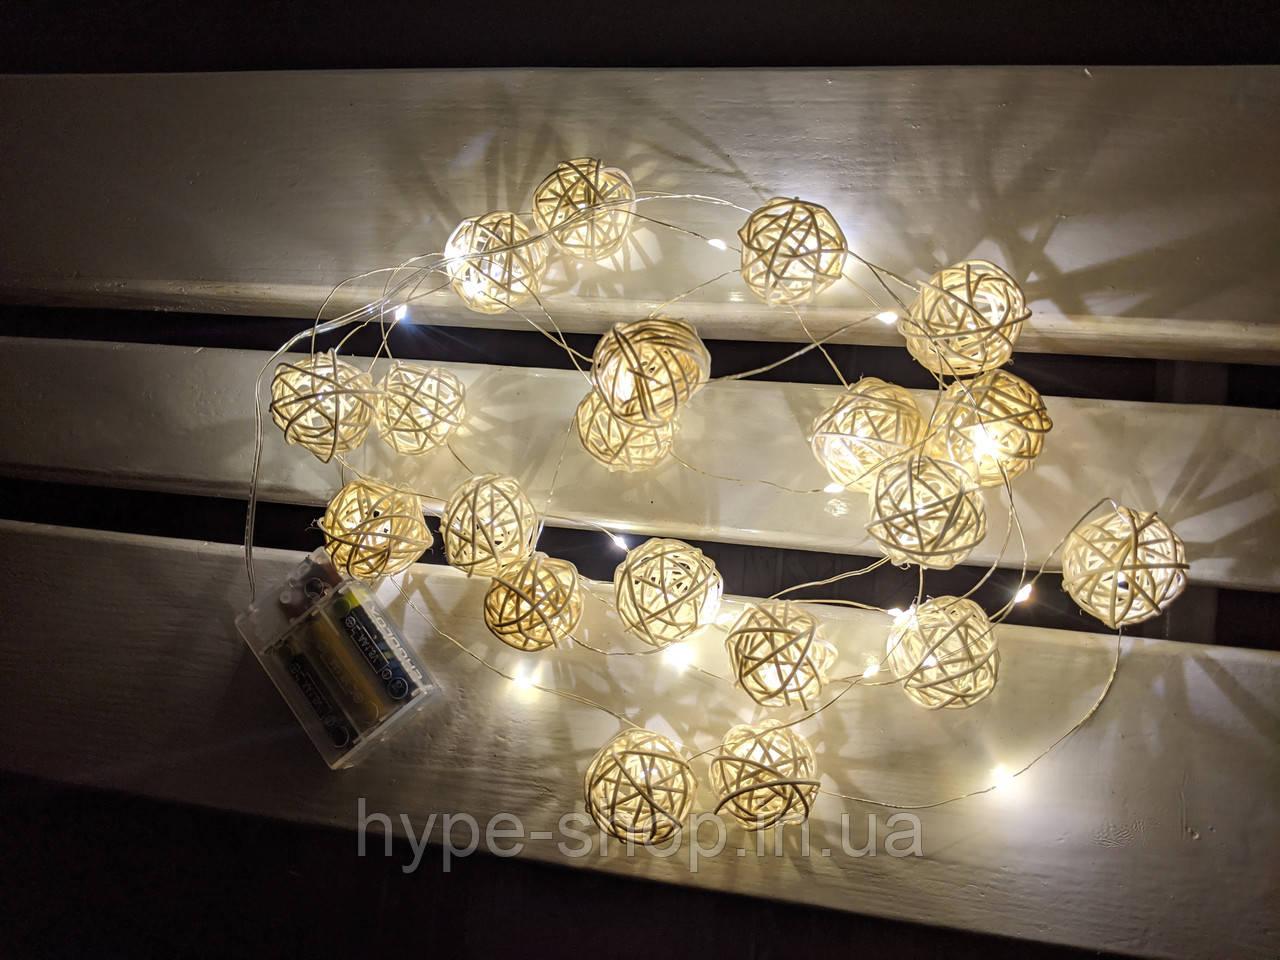 Гирлянда для декора 4м ротанговые шары на проволке роса ЕКО, тёплый свет